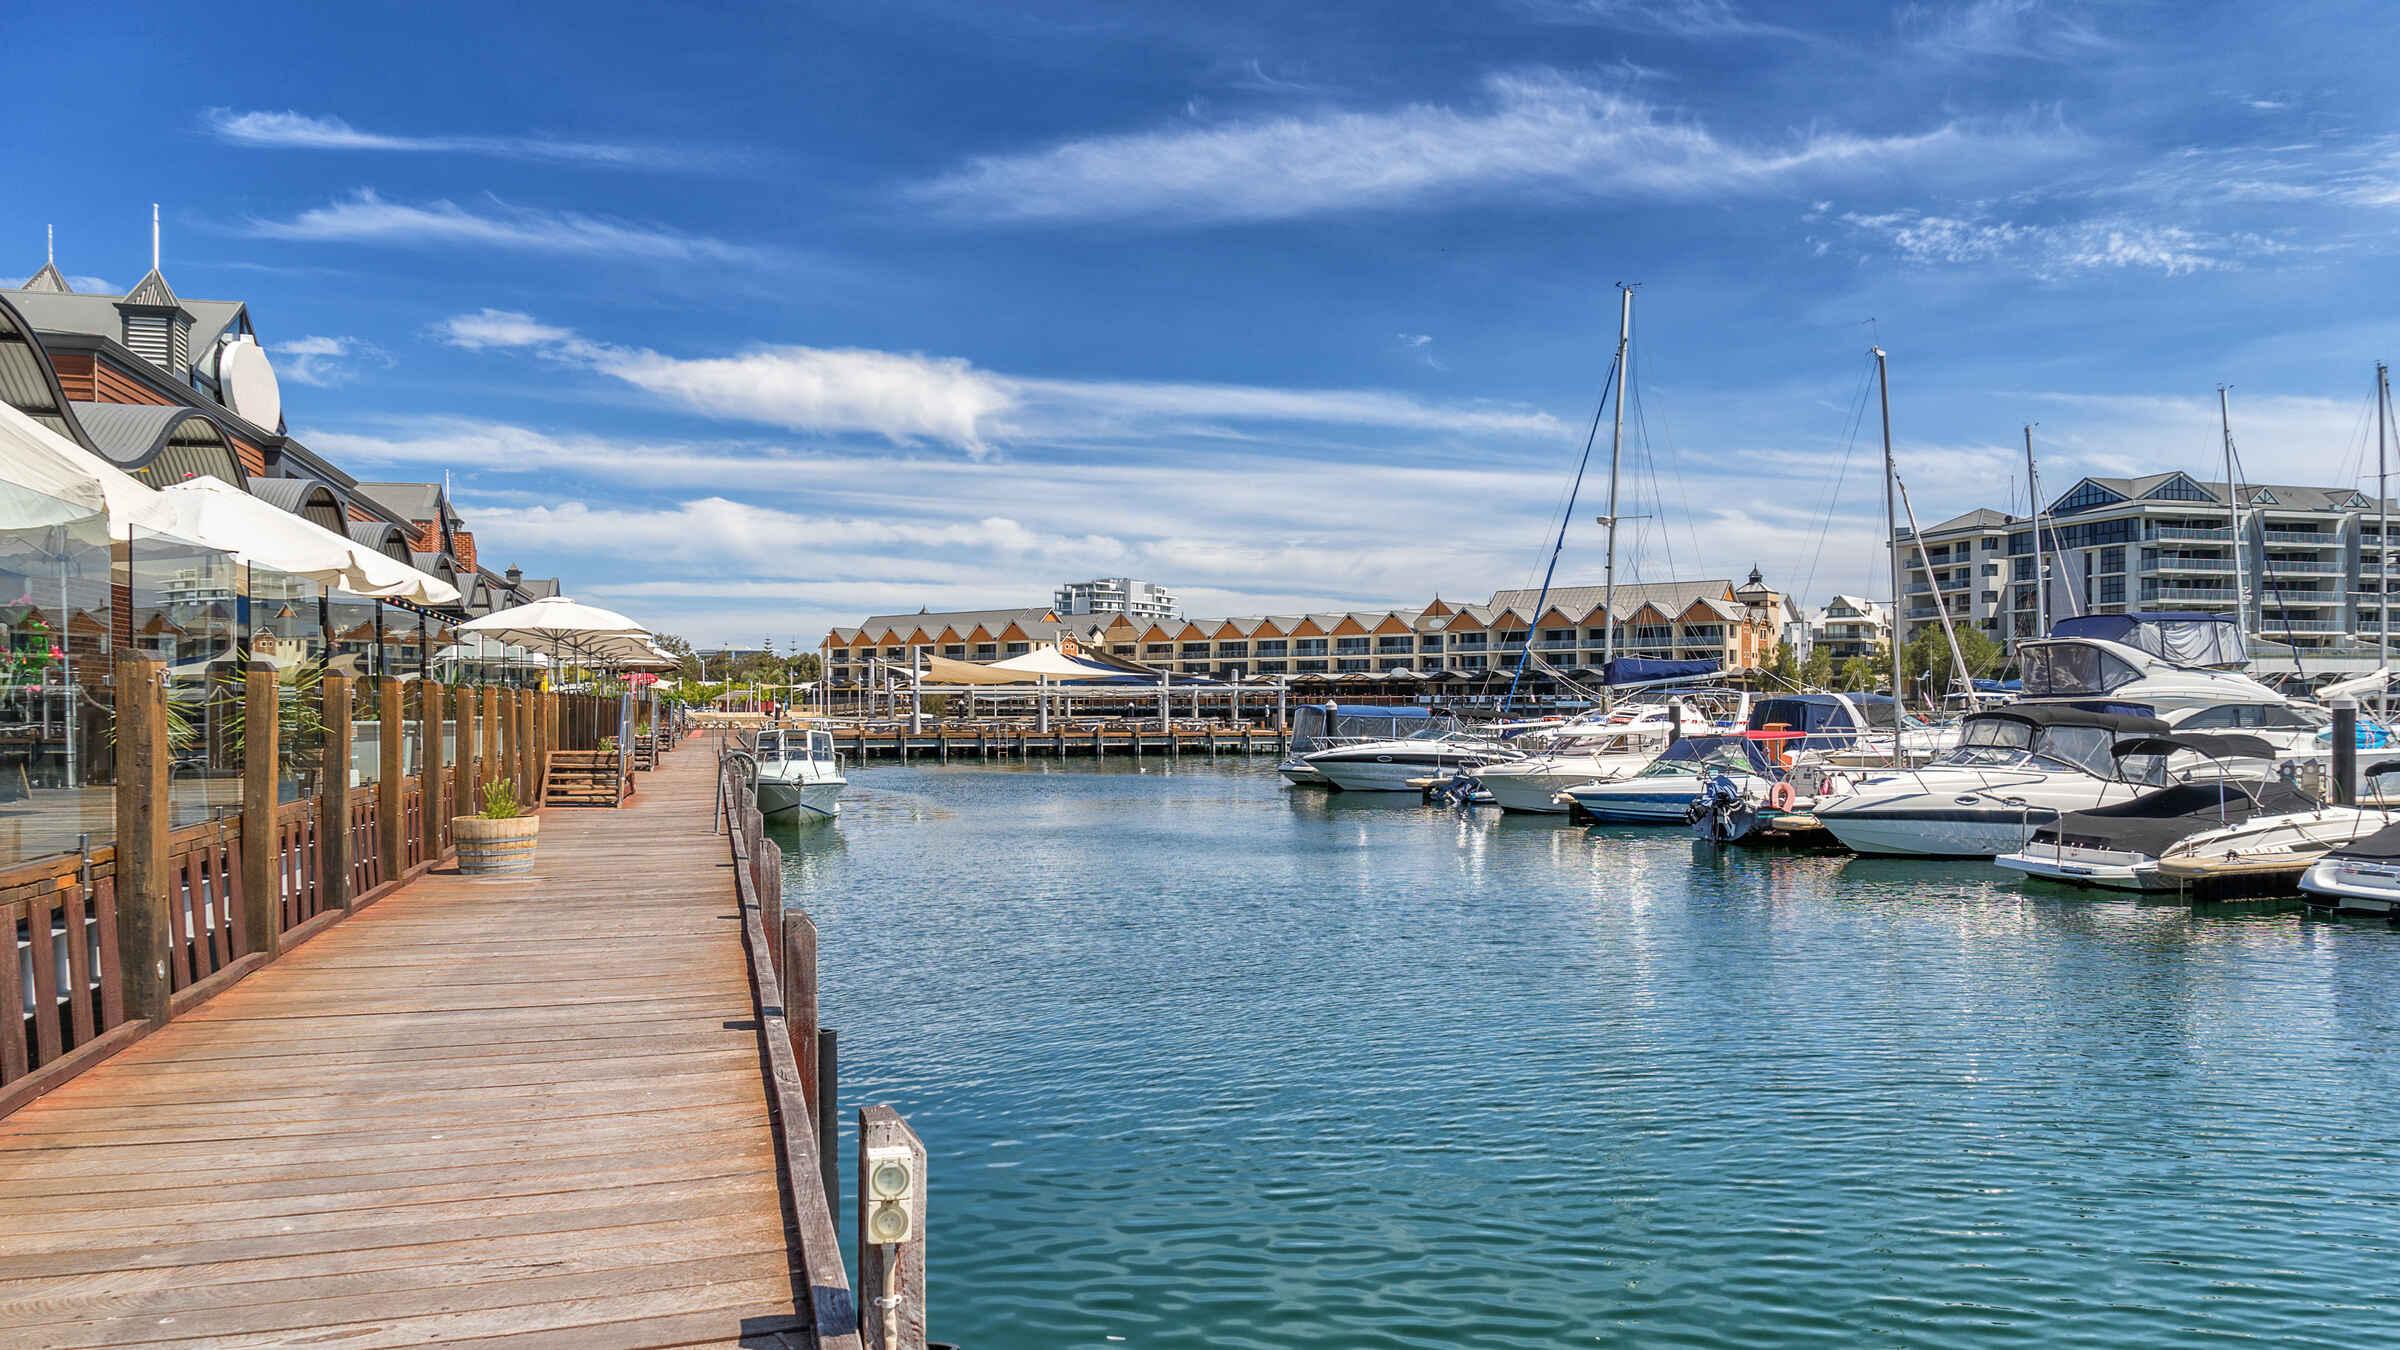 Mandurah harbour